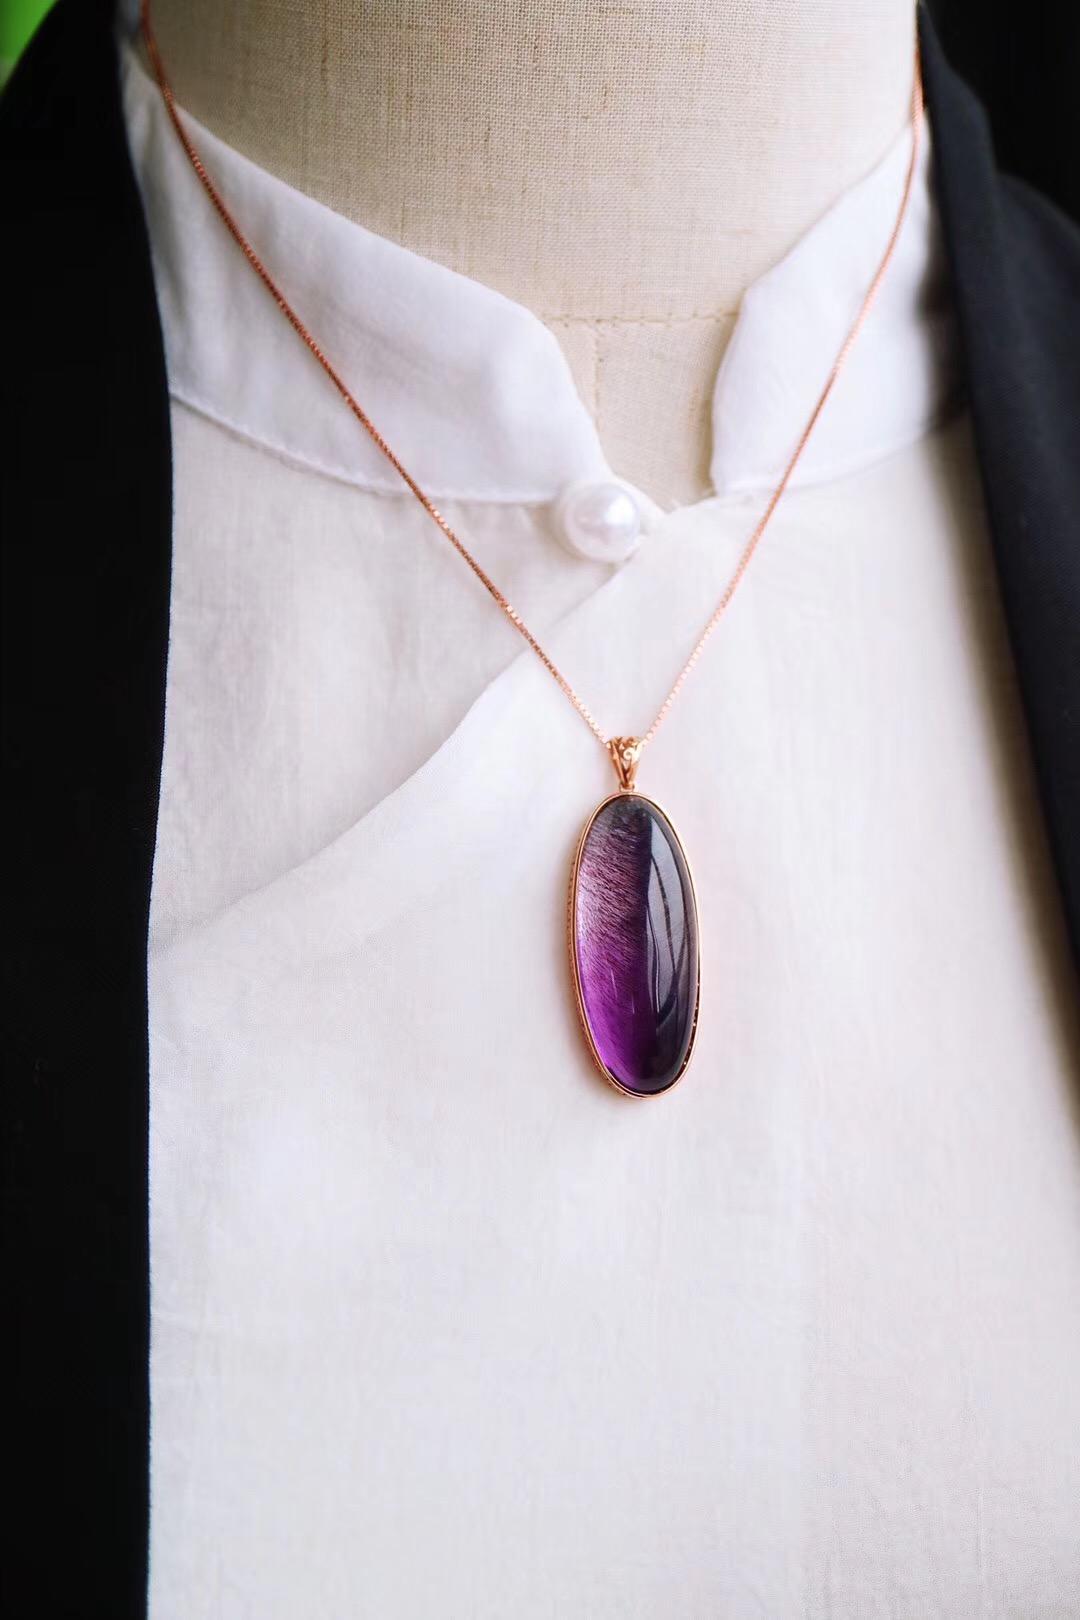 【菩心-超七紫发晶】可助佩戴者拥有更多的灵感-菩心晶舍